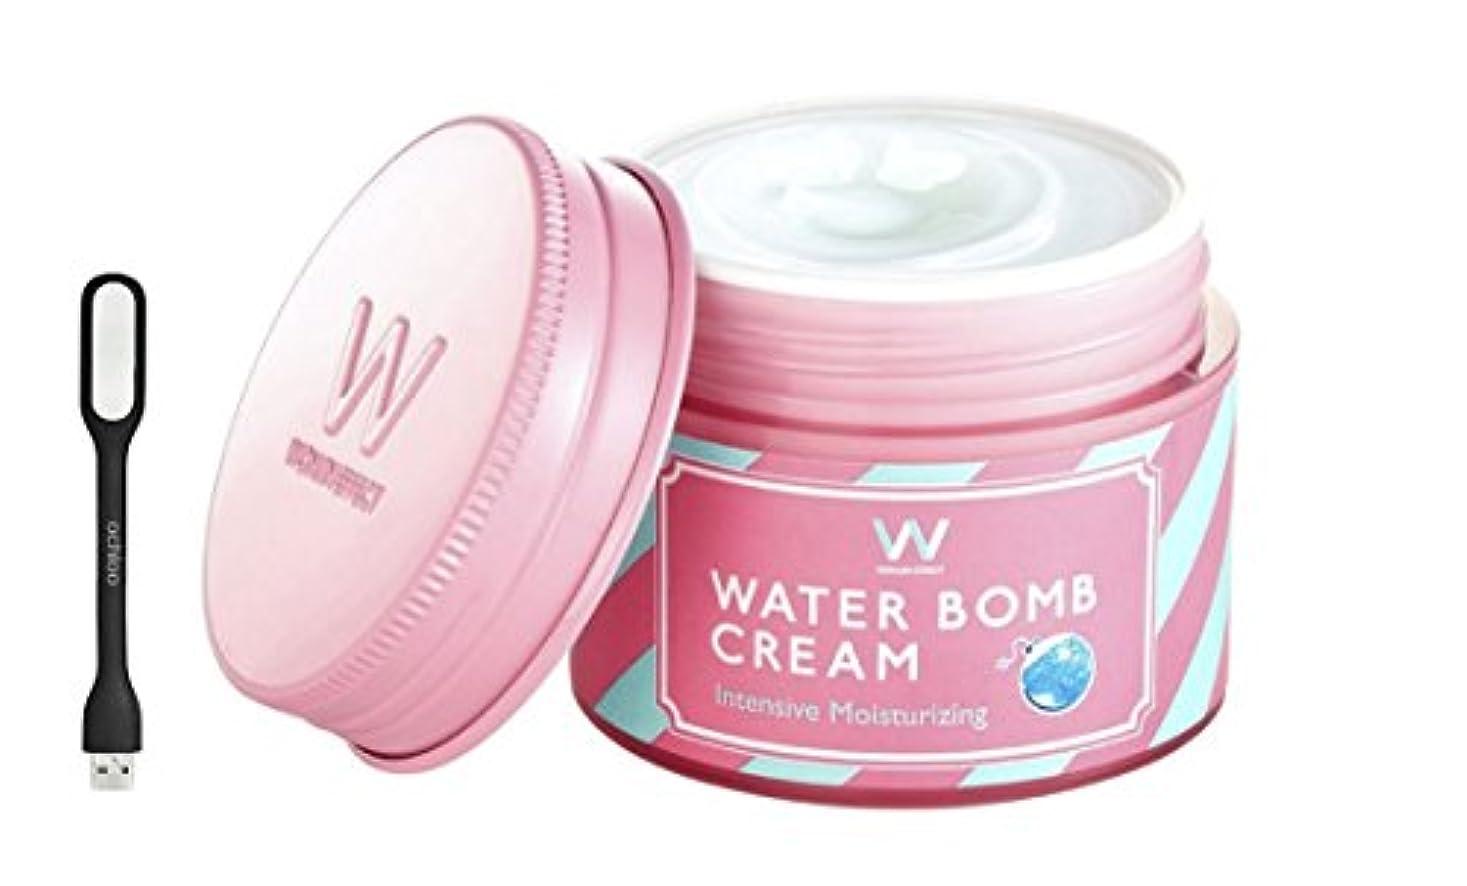 シネウィ調和のとれた論争の的WONJIN EFFECT ウォンジンエフェクト水爆弾クリーム/ウォーターボムクリーム [Water Bomb Cream] - 50ml, 1.69 fl. oz.+ Ochloo logo led